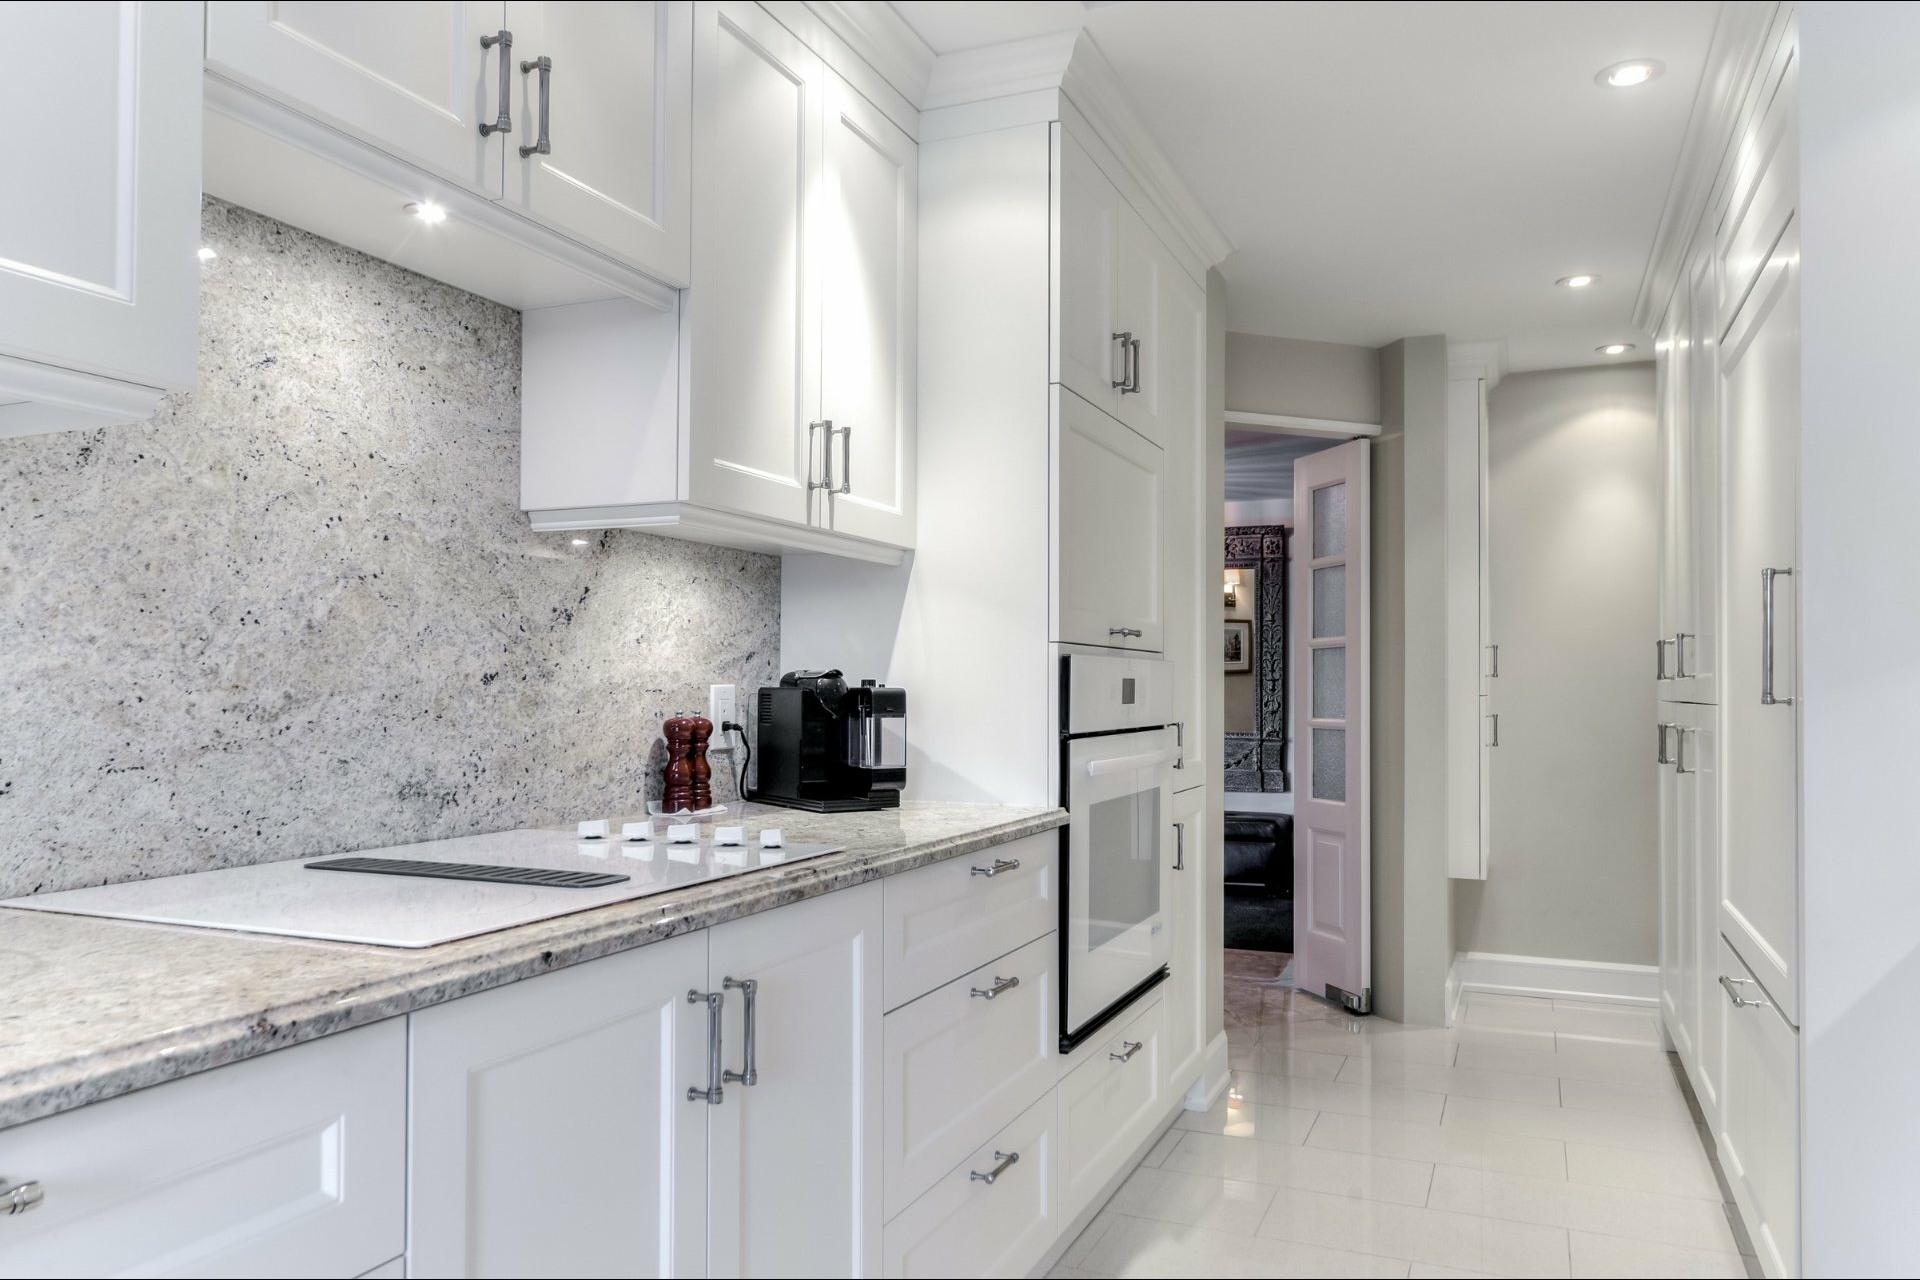 image 13 - 公寓 出售 Côte-des-Neiges/Notre-Dame-de-Grâce Montréal  - 6 室